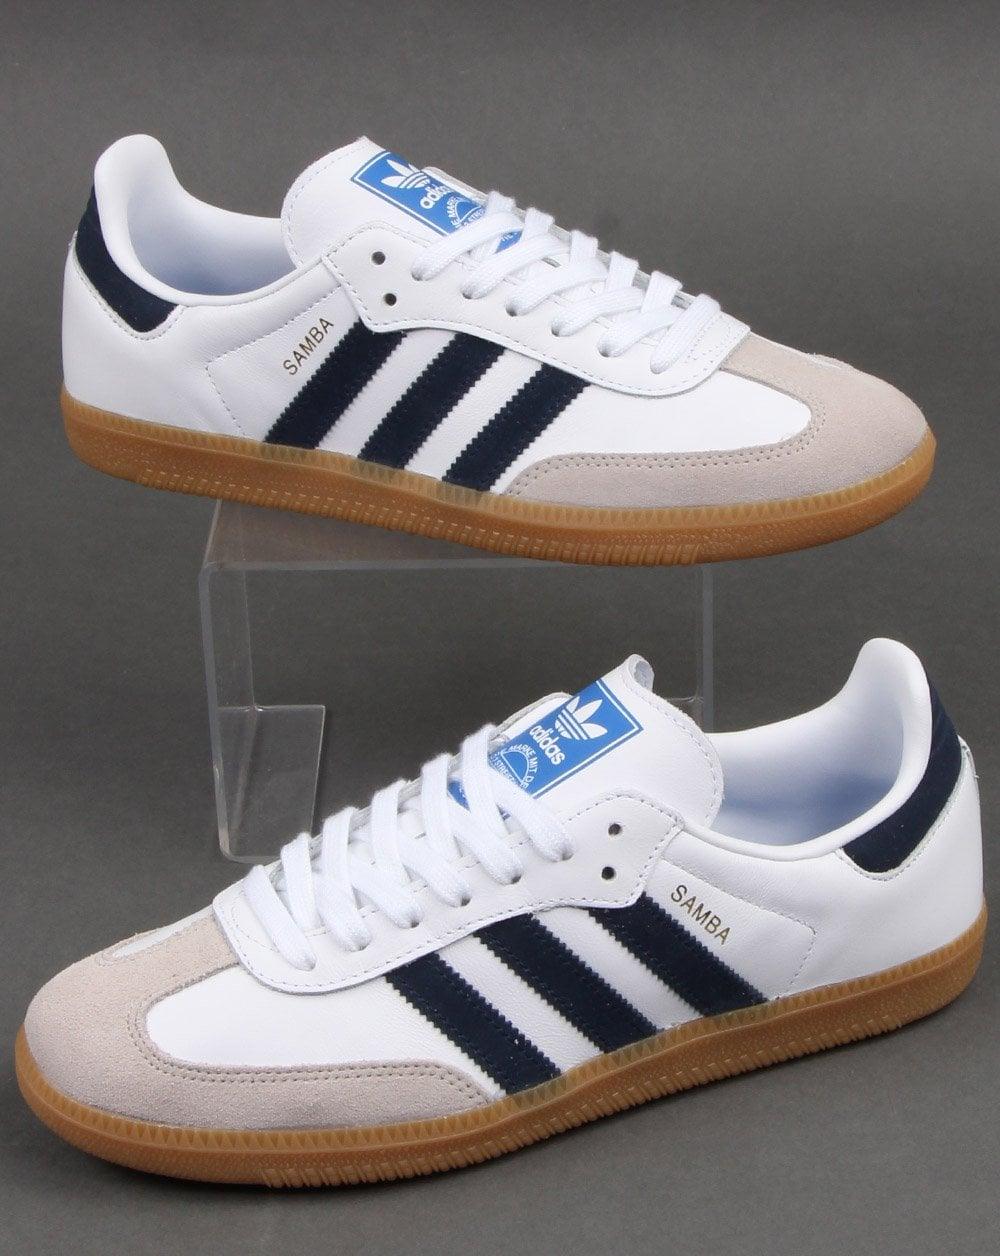 Adidas Samba Og Trainers White/Navy